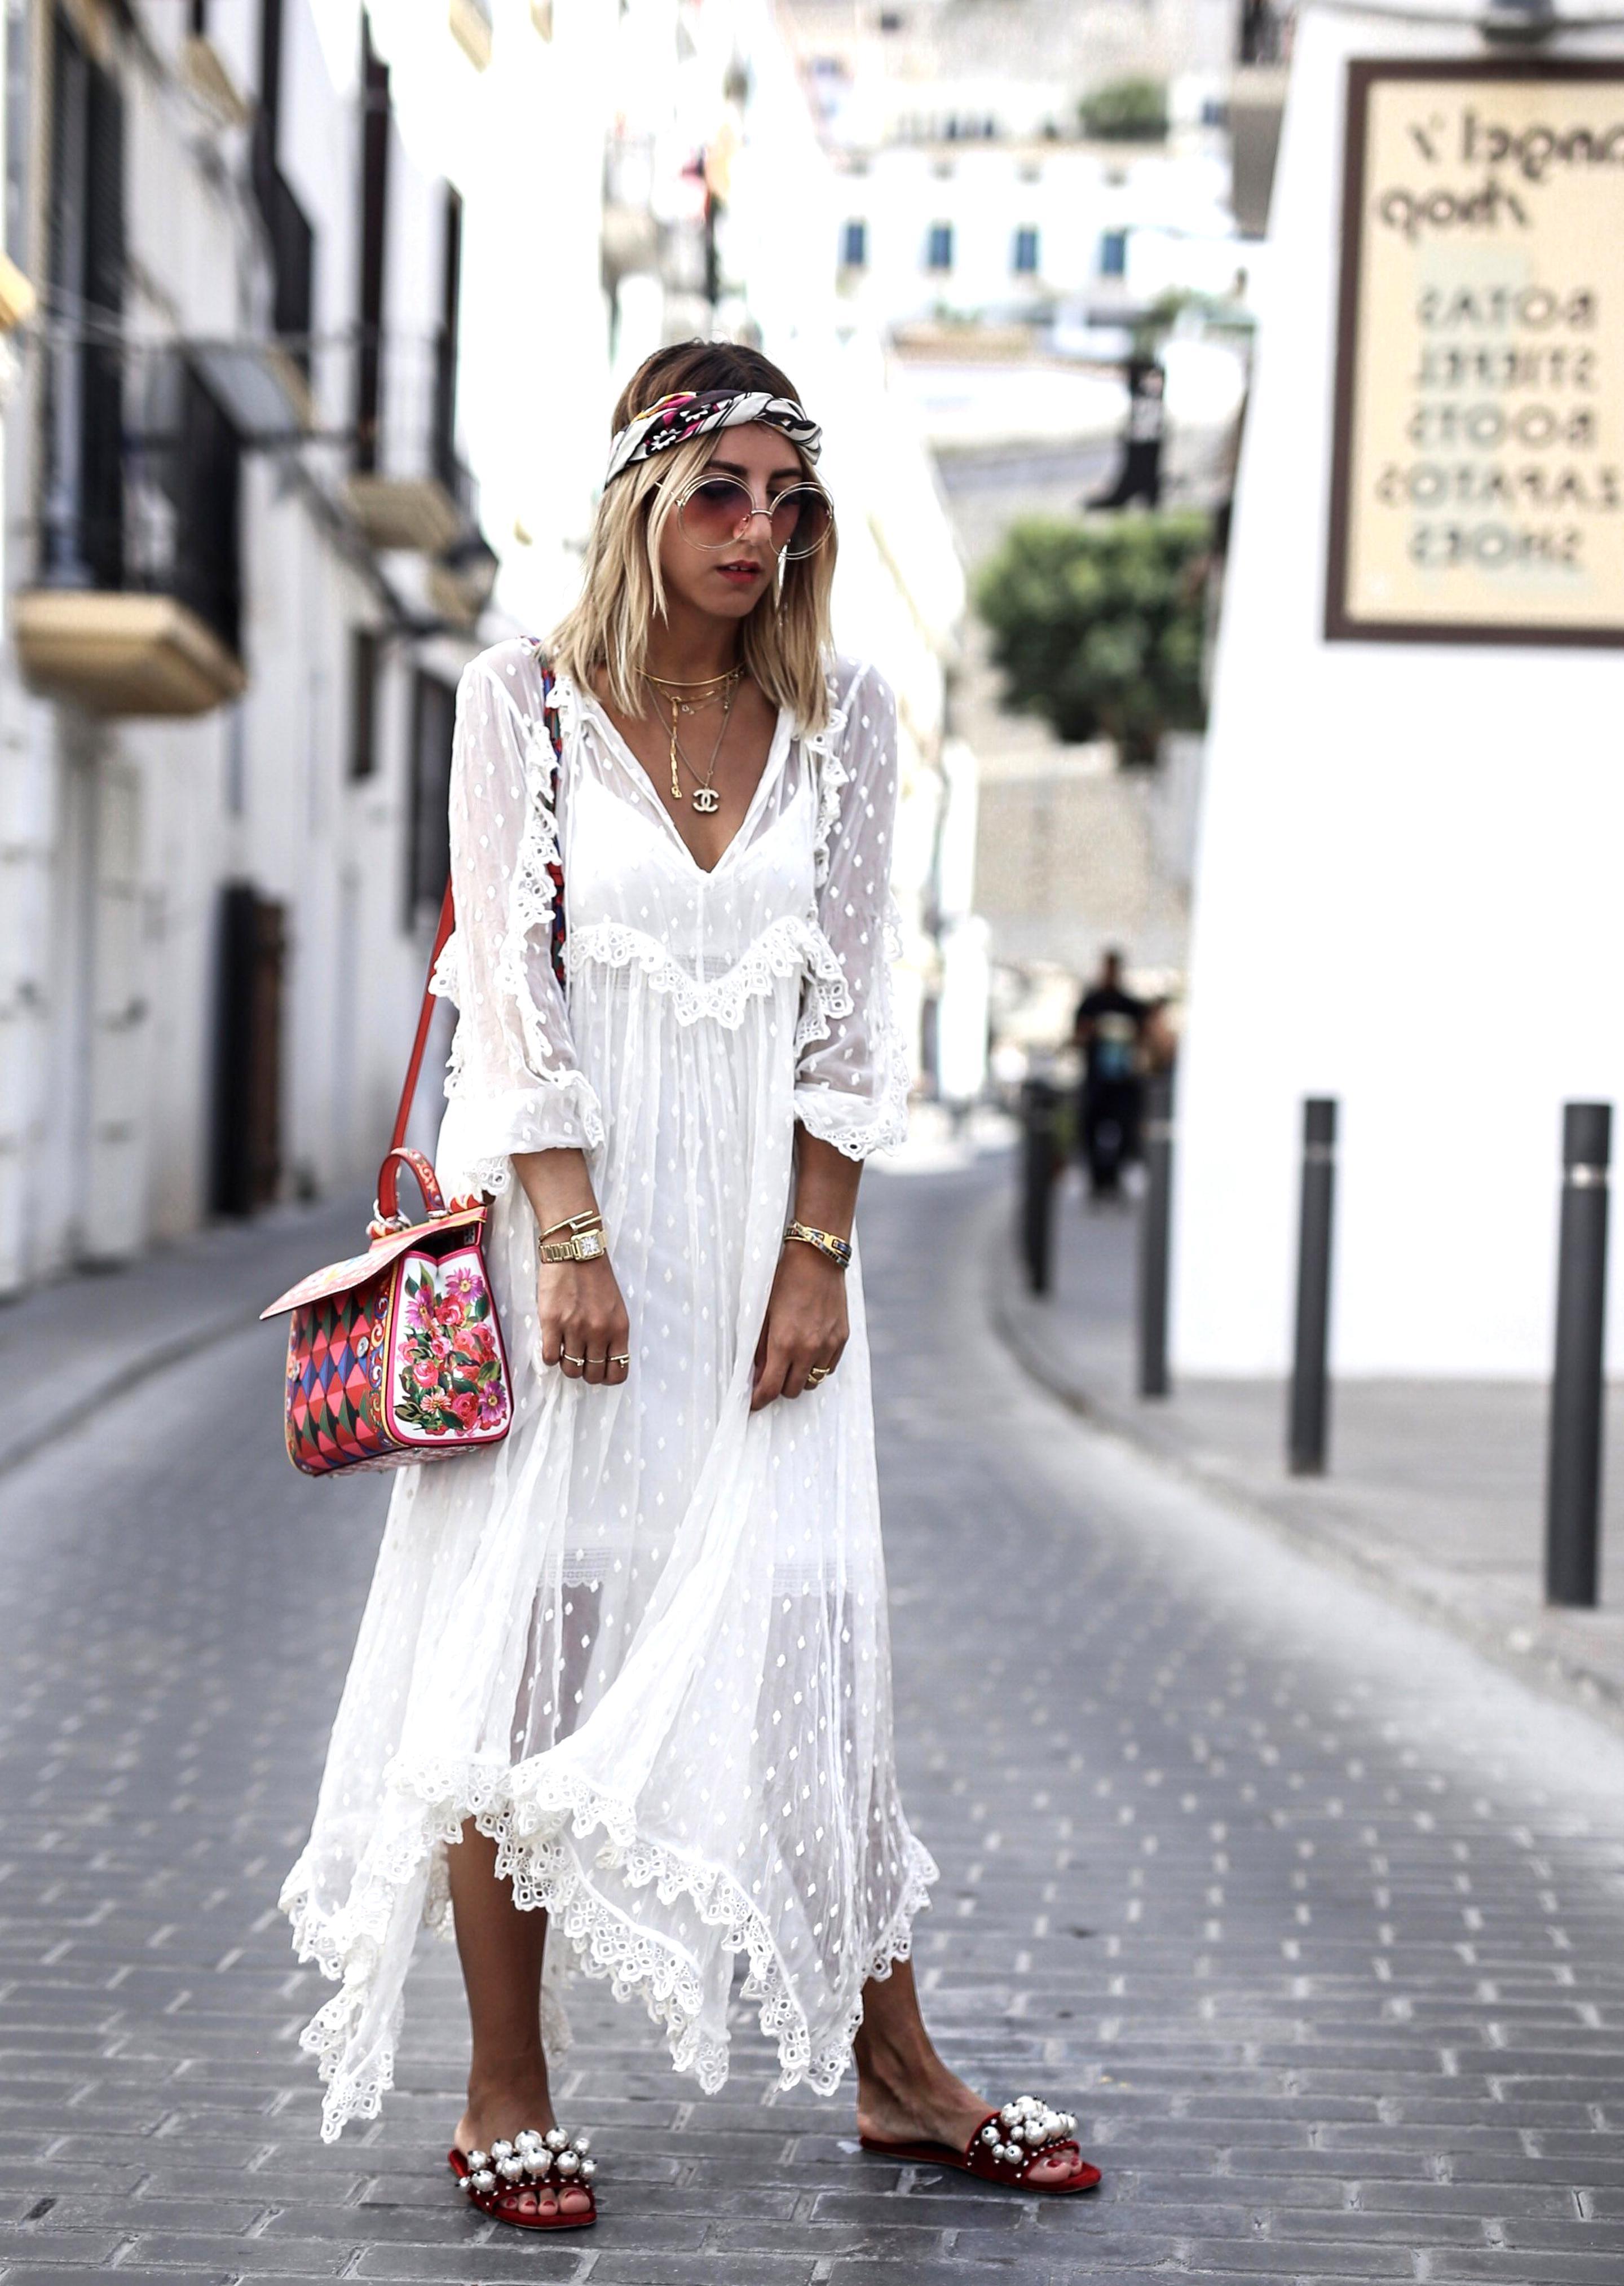 praznovati užitna evakuacija hippie kleid lang weiß